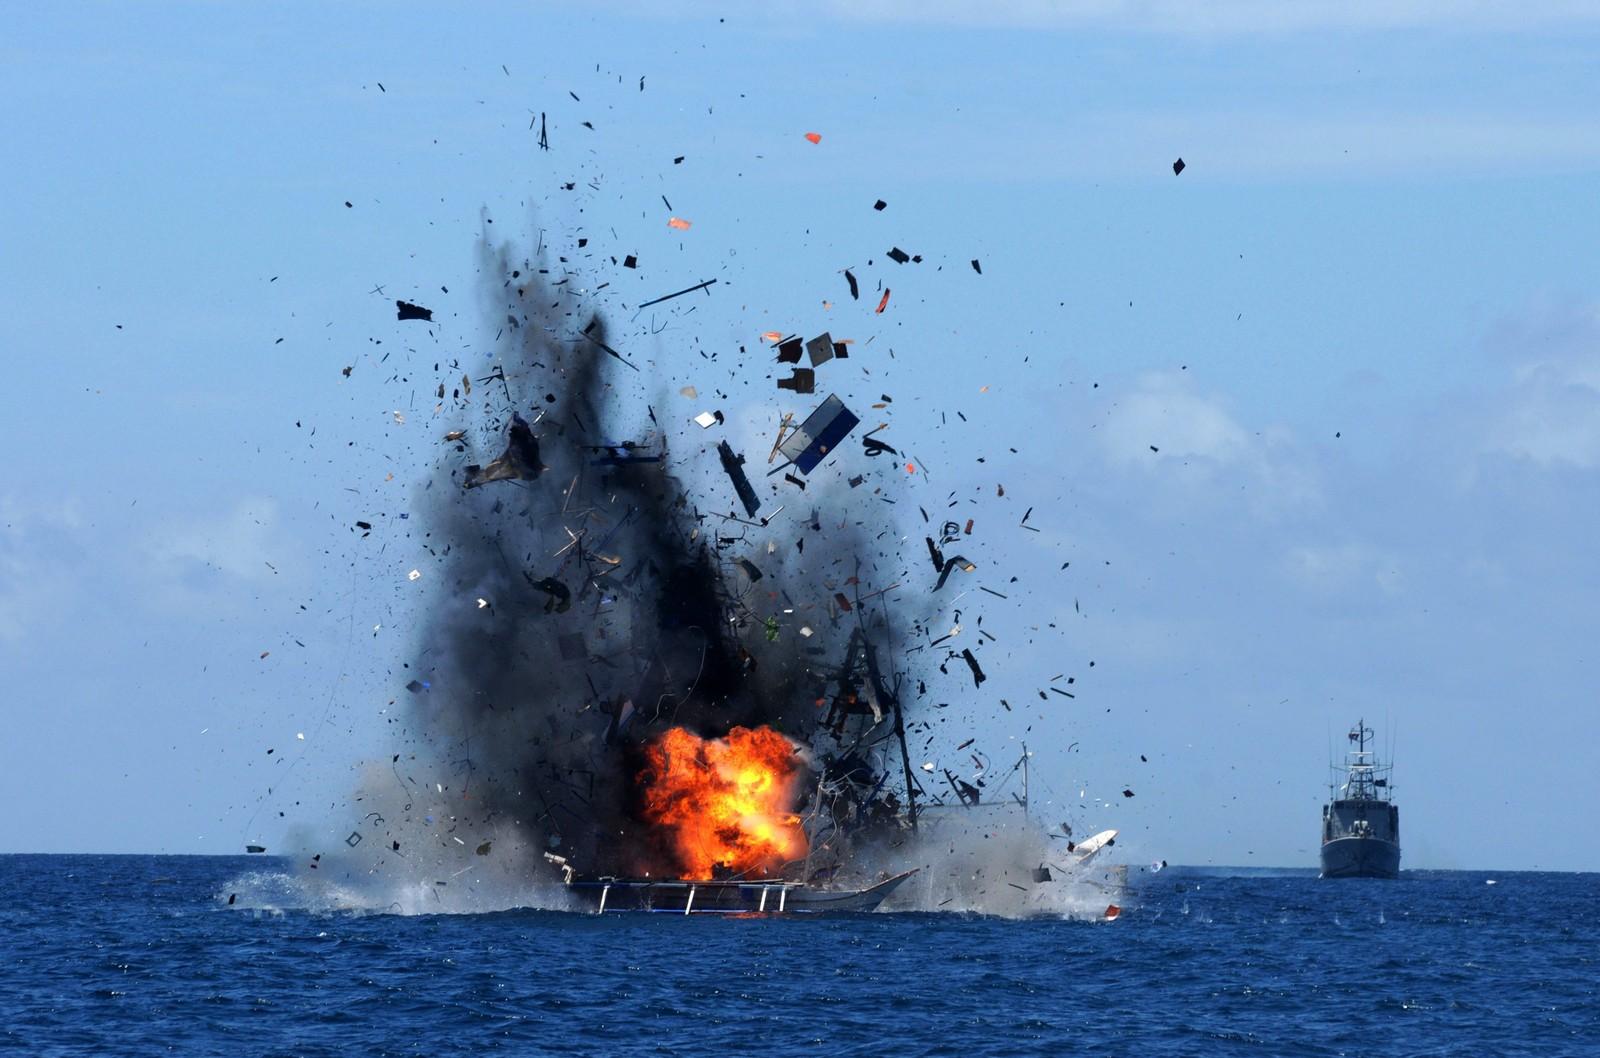 I Indonesia sprenger kystvakten illegale fiskebåter i et forsøk på å stanse ulovlig fiske. Dette bildet viser at en fiskebåt sprenges og senkes ved Bitung ved Sulawesi. 41 slike utelandske fiskebåter skla være senket.